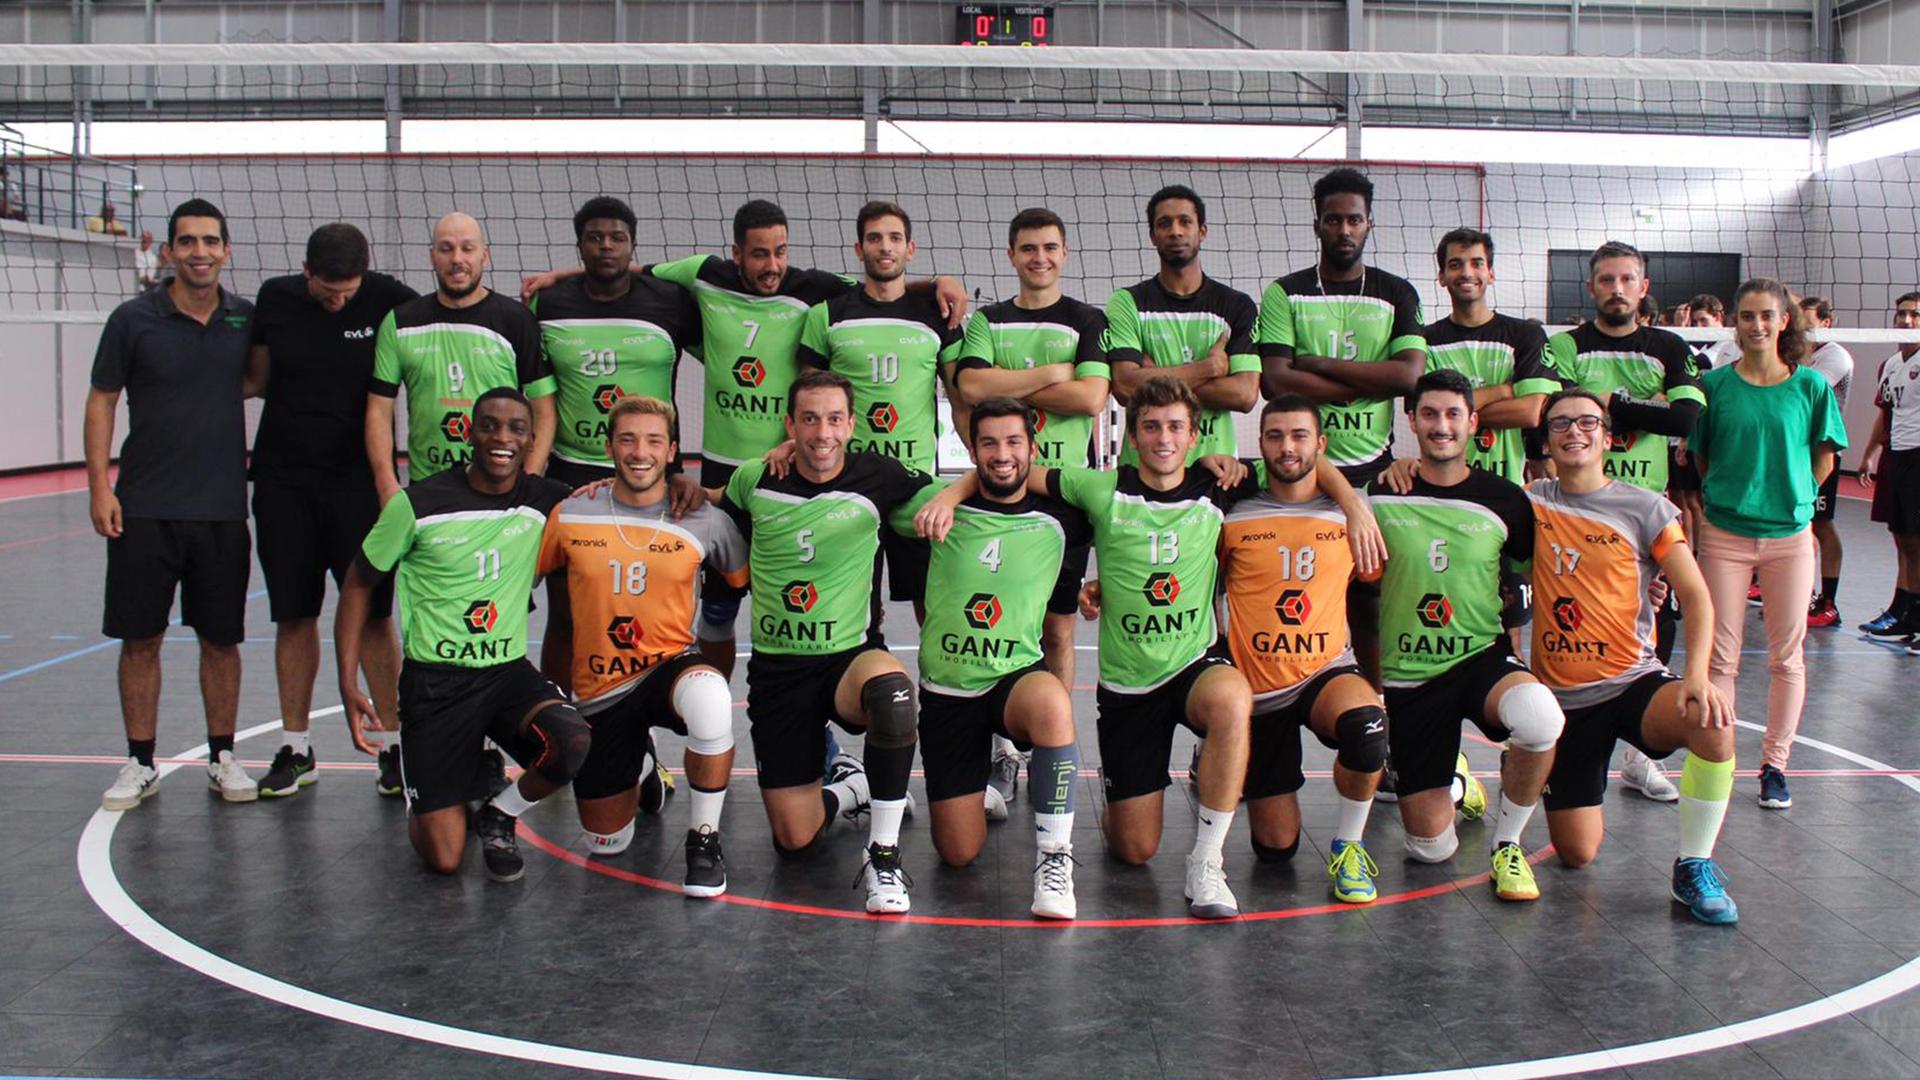 Centro de Voleibol de Lisboa Seniores Masculinos A 2019 2020